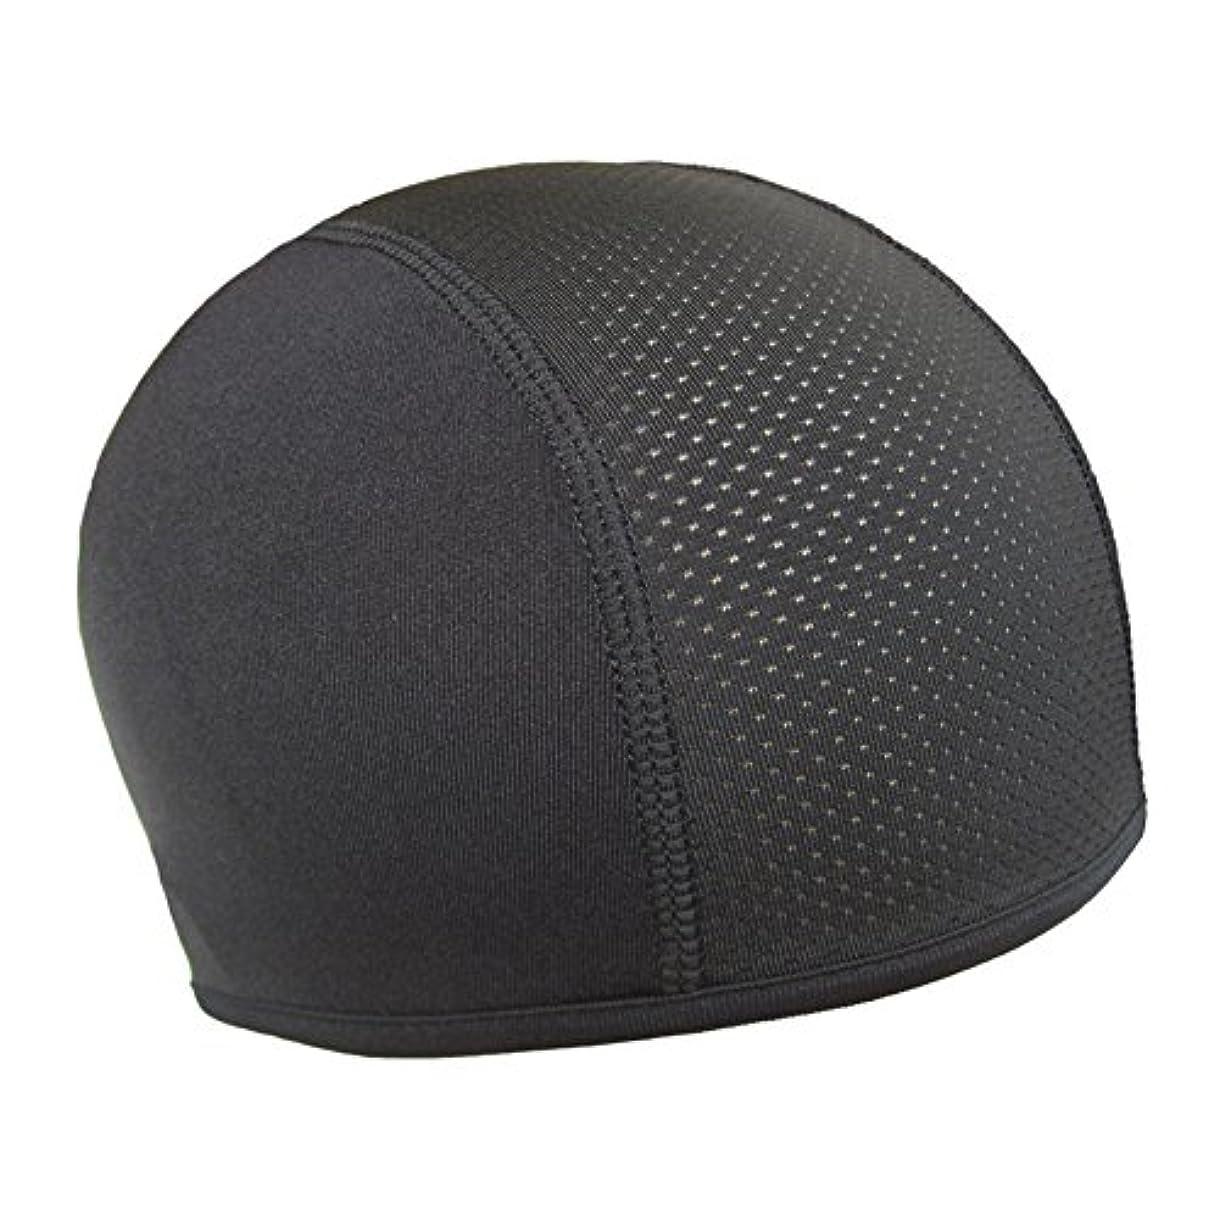 葉を集める自信がある敵対的サイクリングキャップユニセックスオートバイバイク乗馬防風ヘルメットソフトスケート帽子クイックドライスポーツ帽子自転車弾性帽子